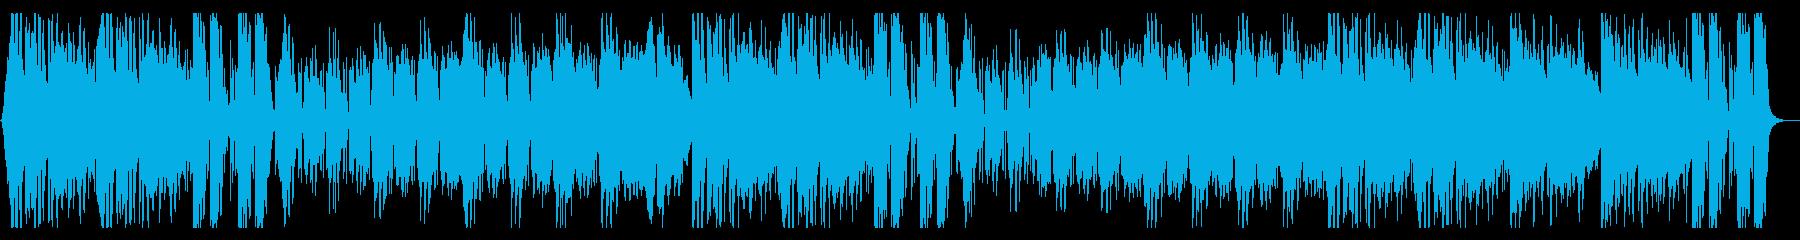 怪しげなヒップホップ系オーケストラの再生済みの波形